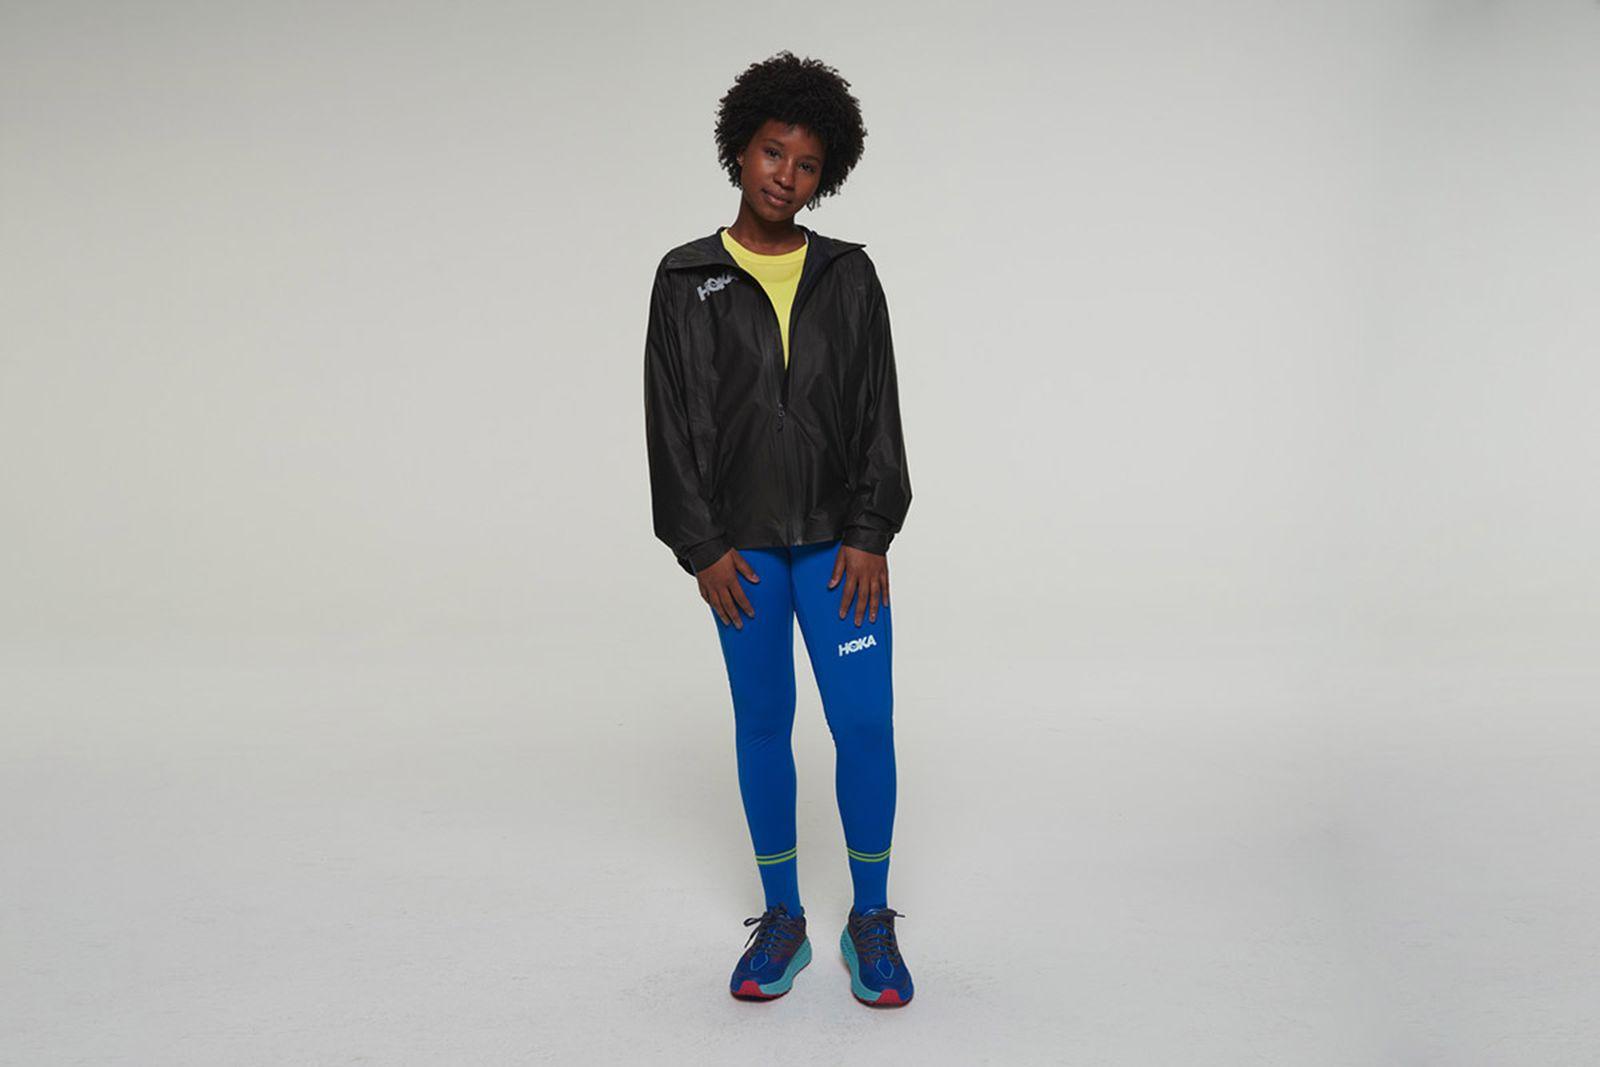 hoke-one-one-ss20-apparel-05